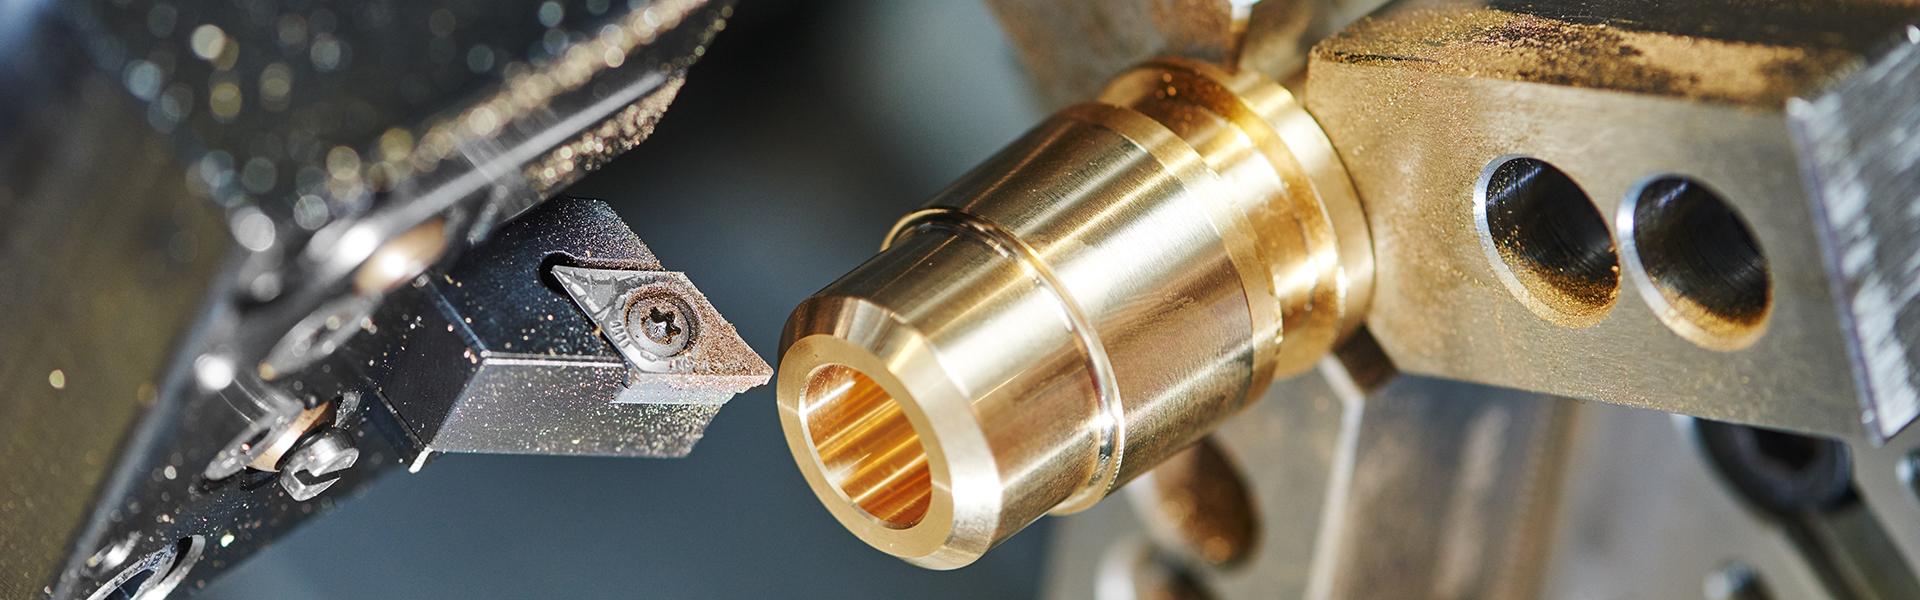 CNC megmunkálás esztergálás technológia